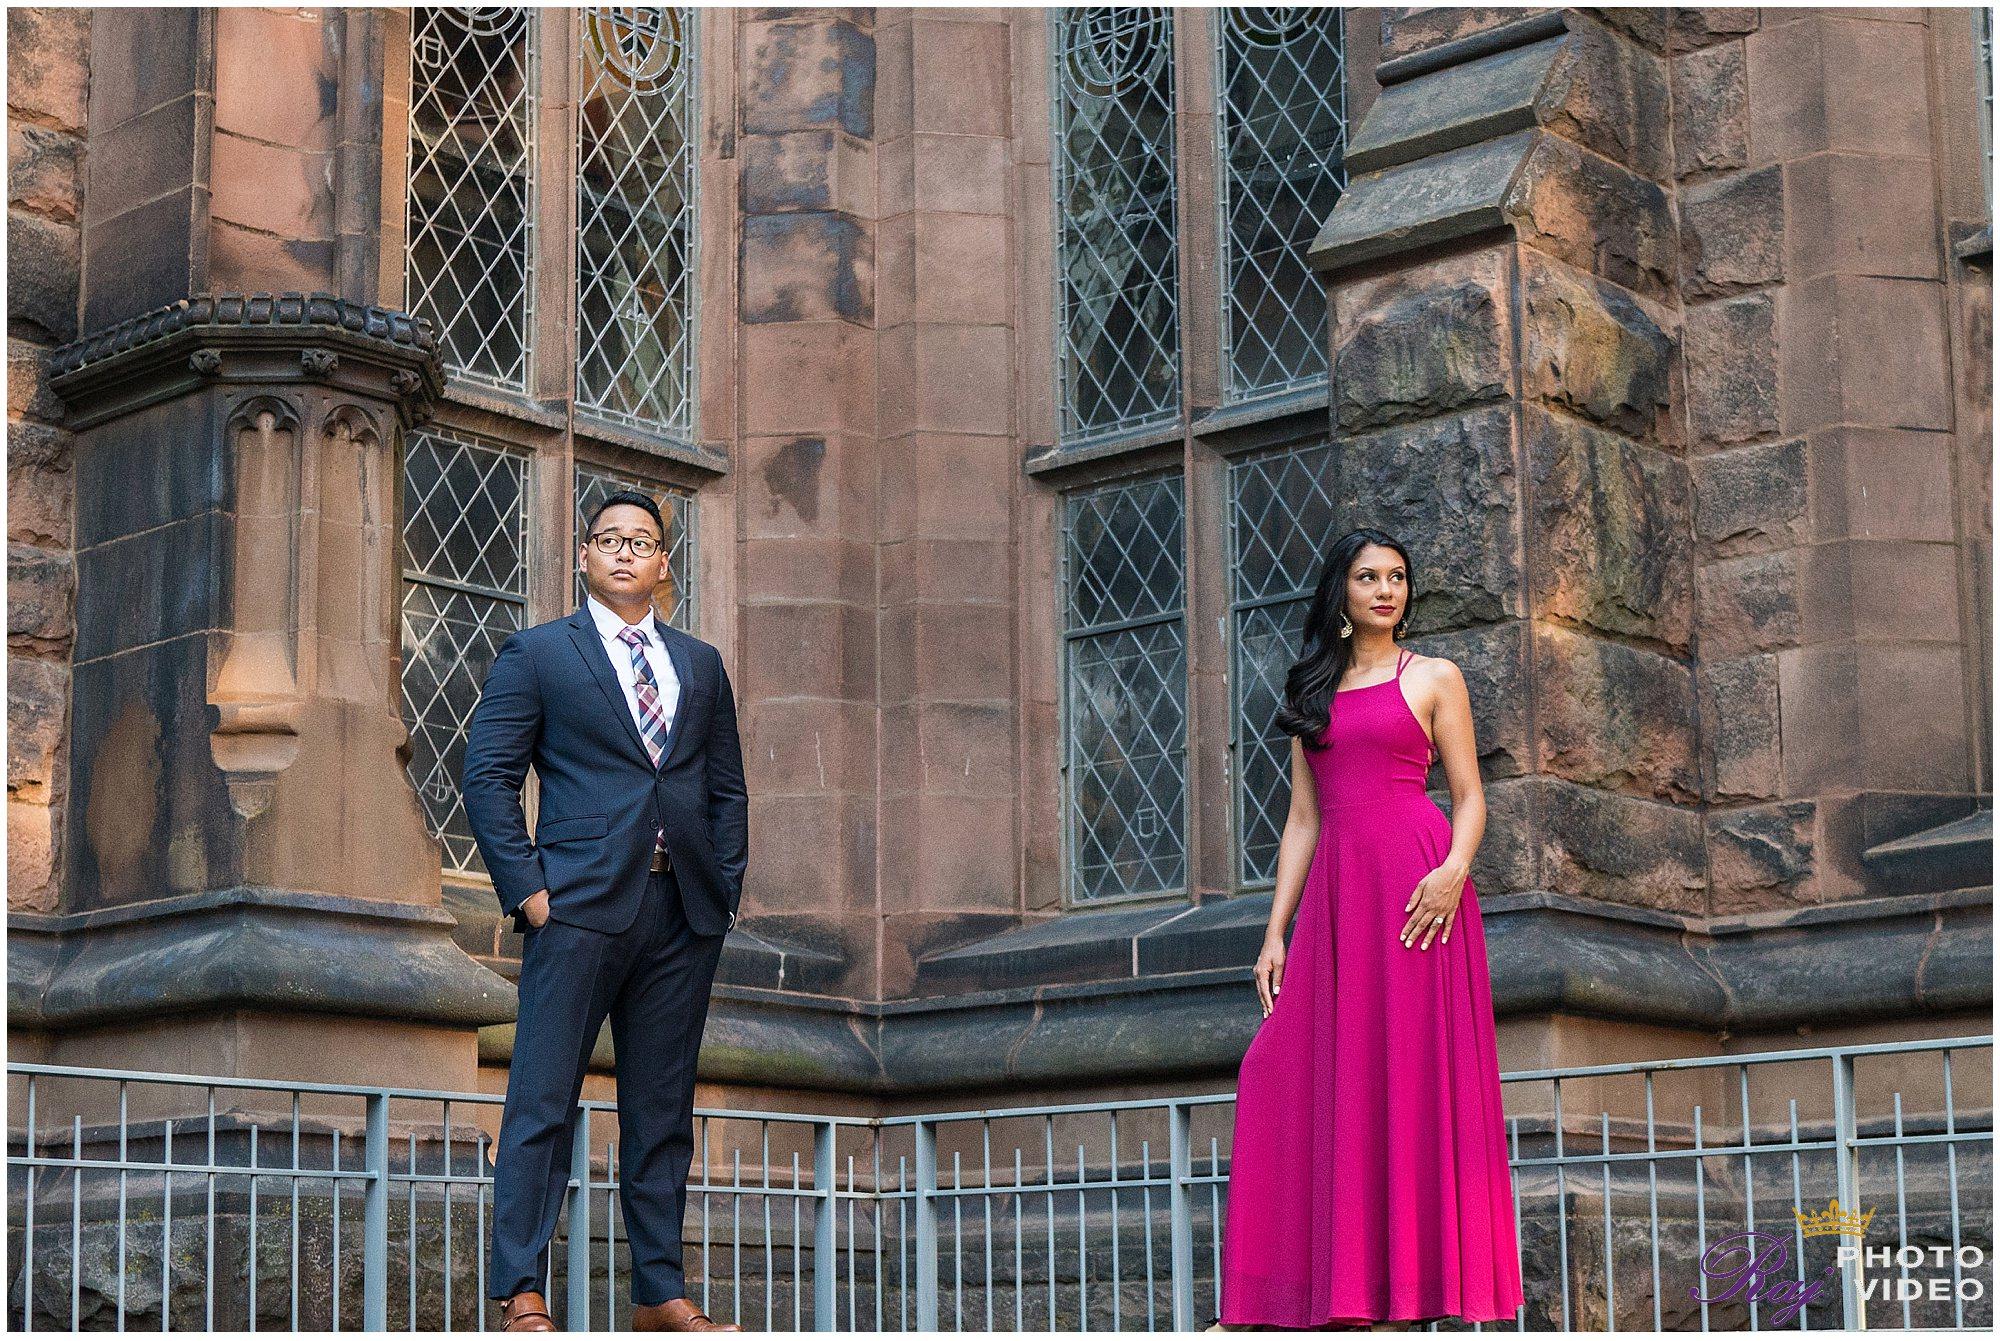 Princeton-University-Princeton-NJ-Engagement-Shoot-Khusbu-Jeff-7.jpg